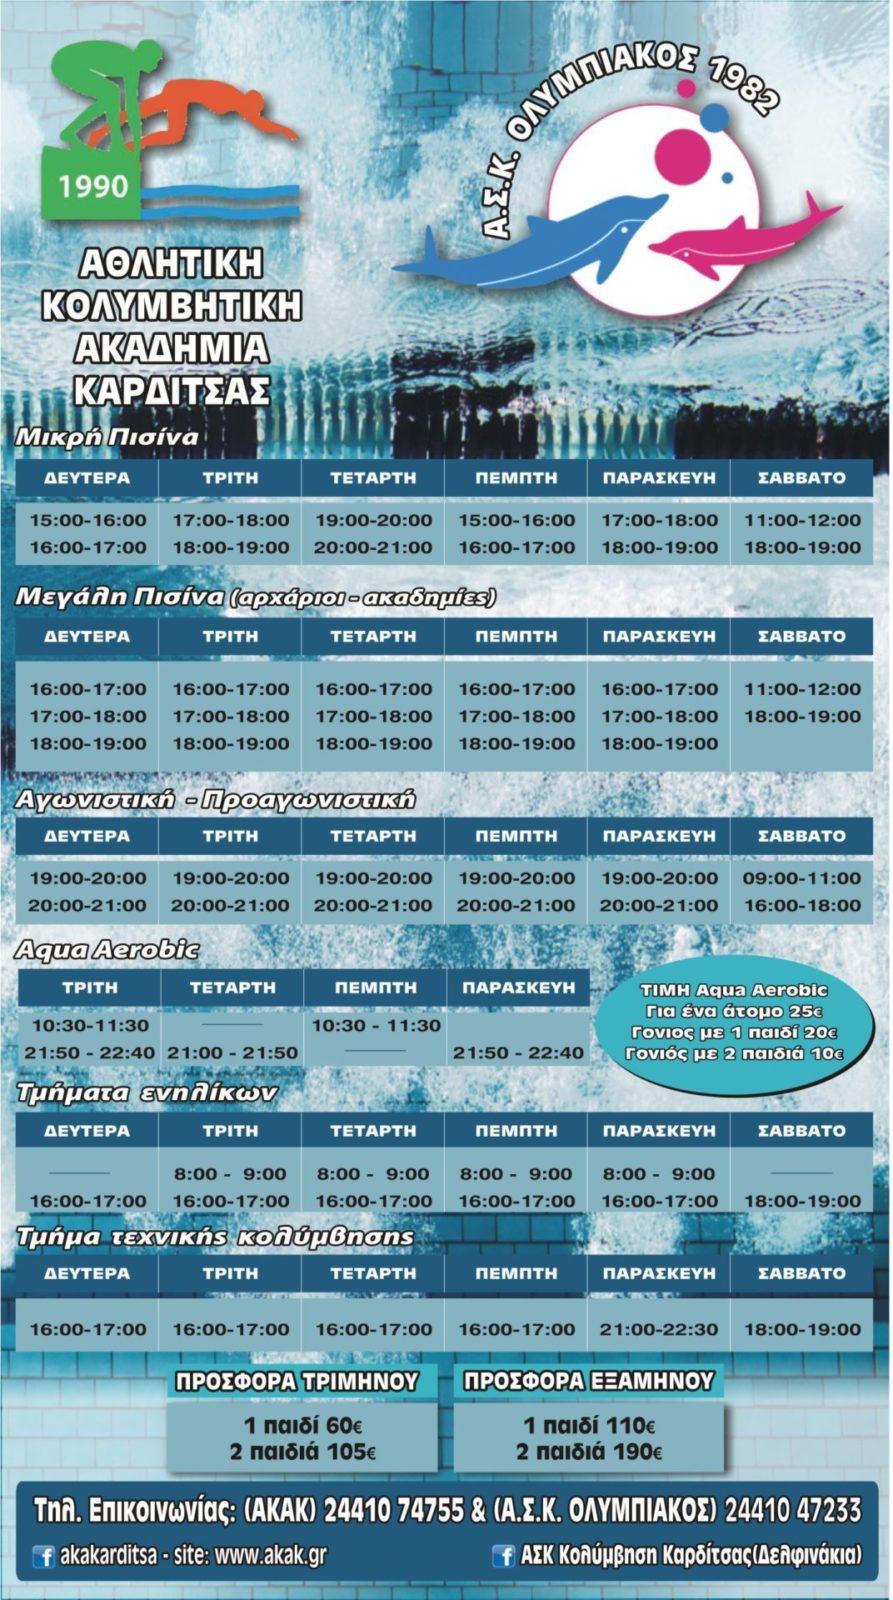 Πρόγραμμα 2015-16